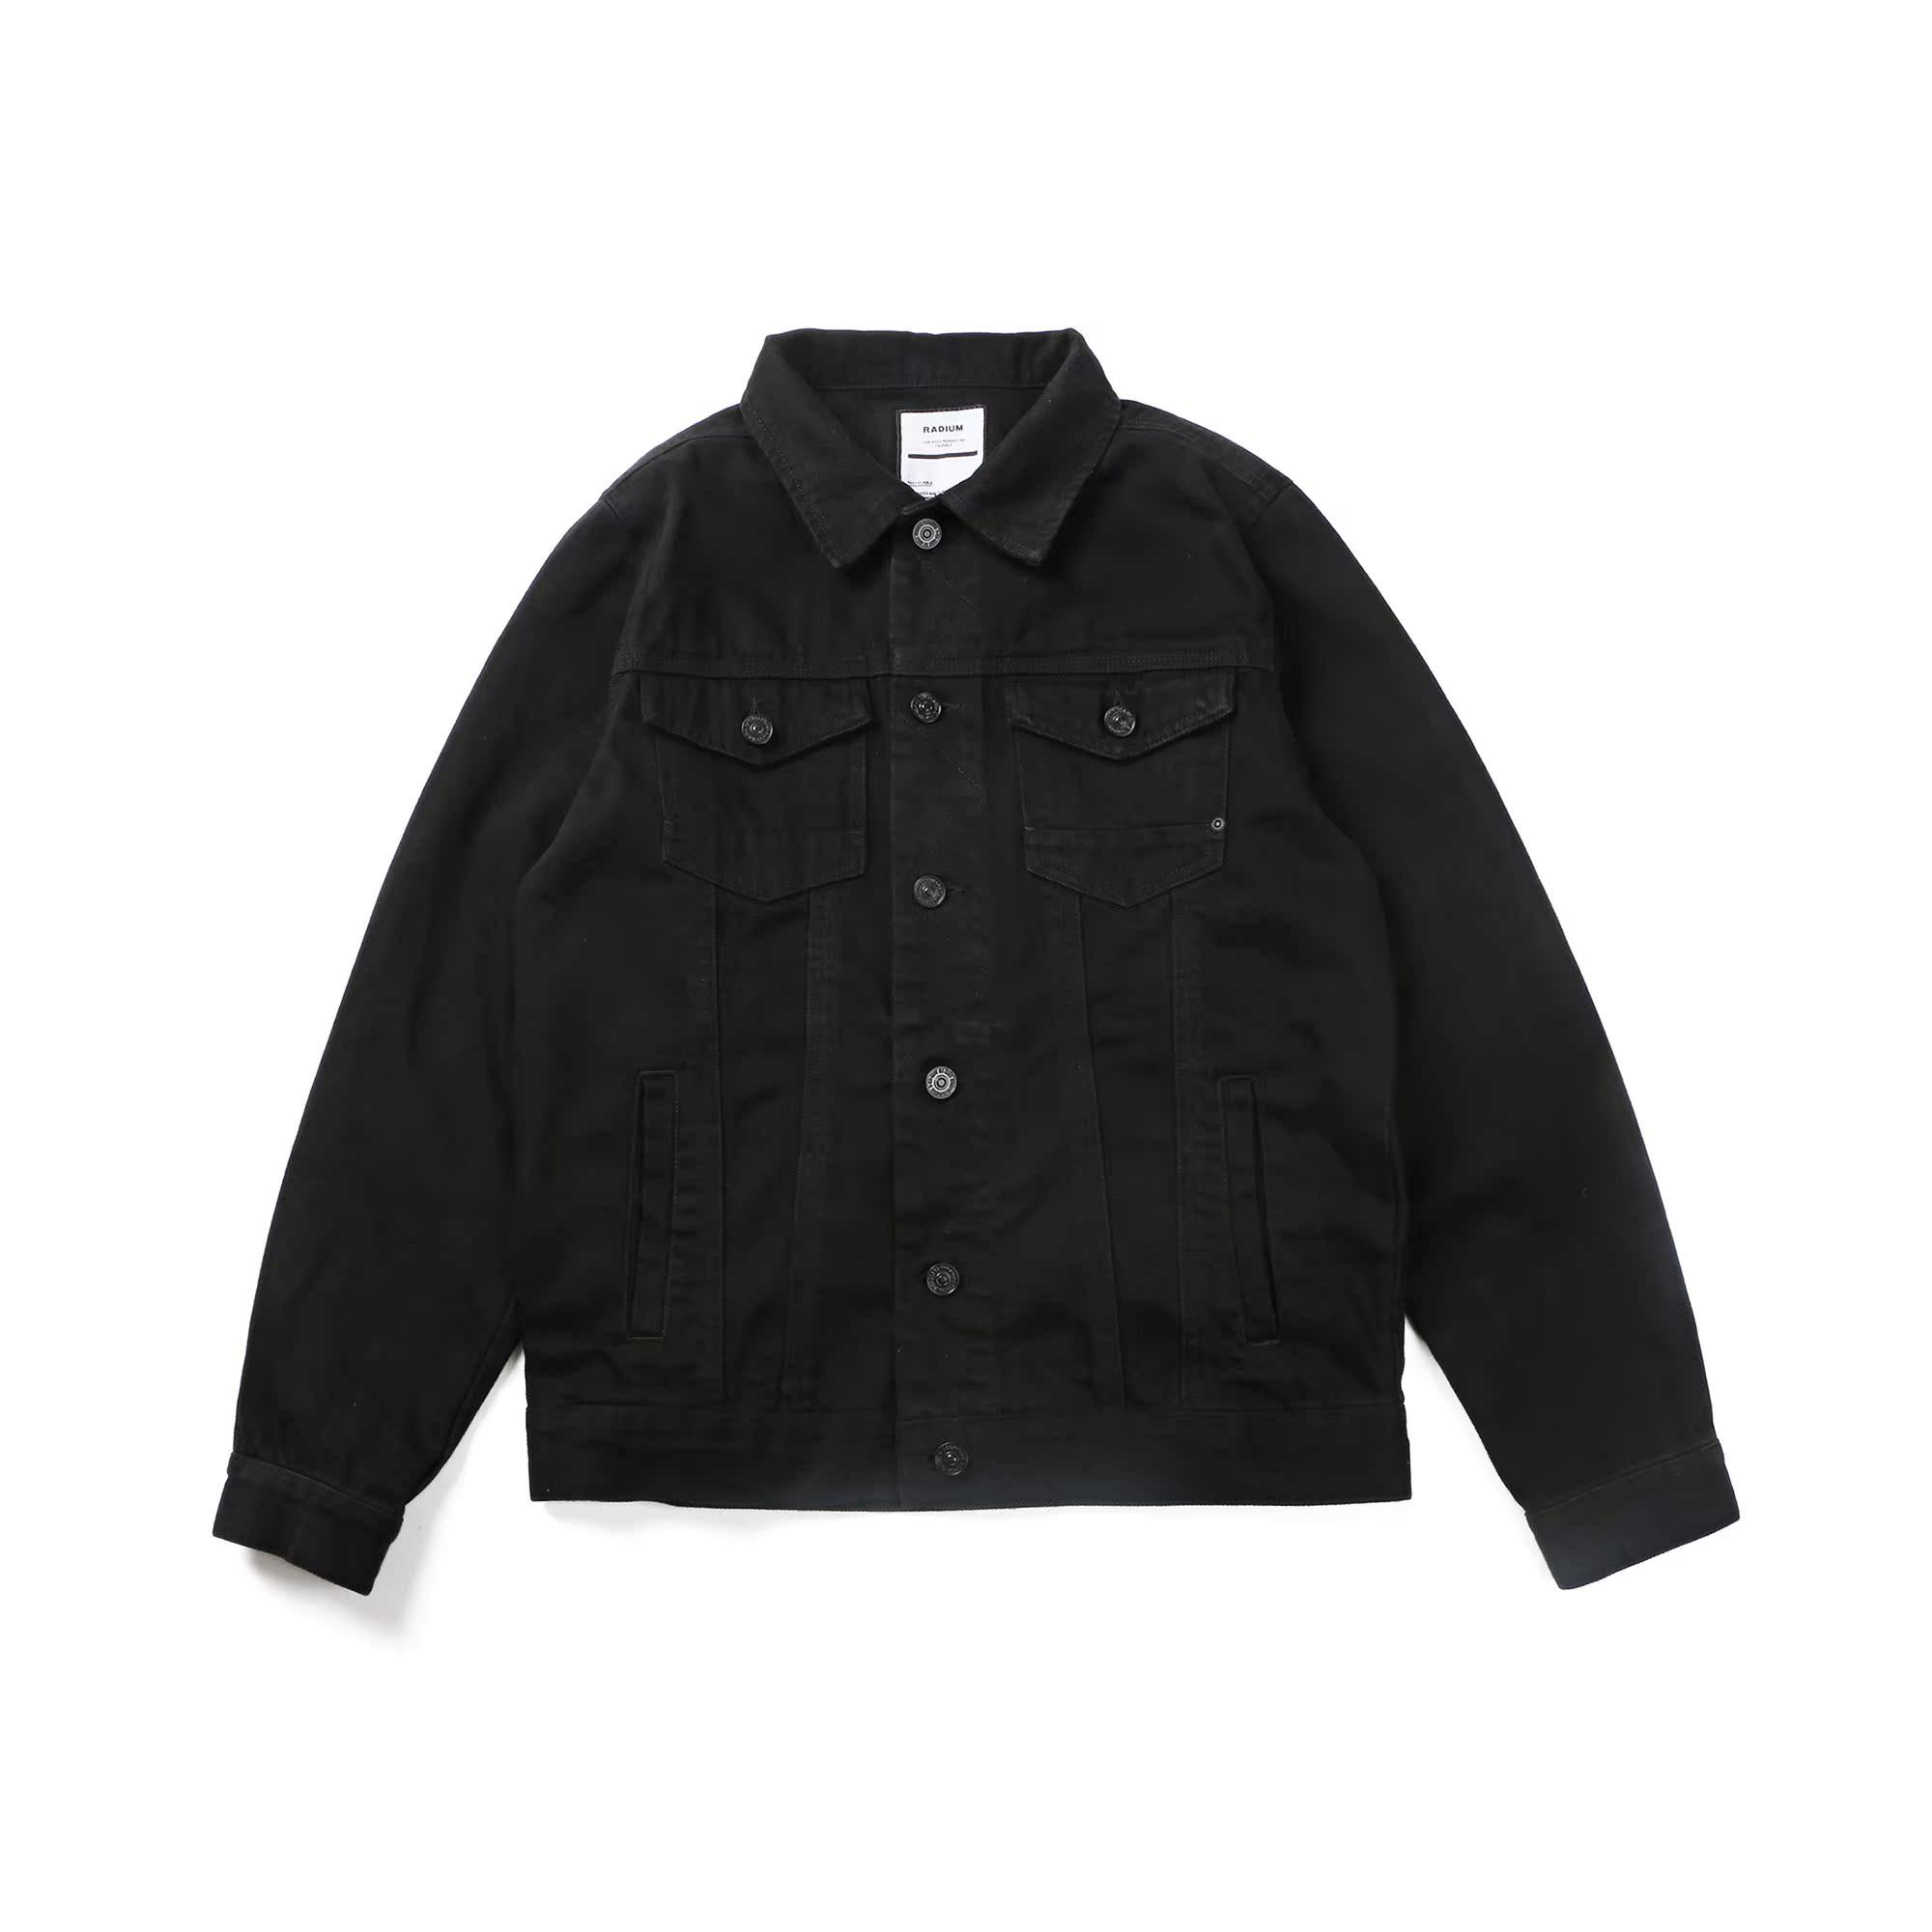 黑色水洗牛仔夹克 日系潮牌短款修身男士国潮黑色秋外套